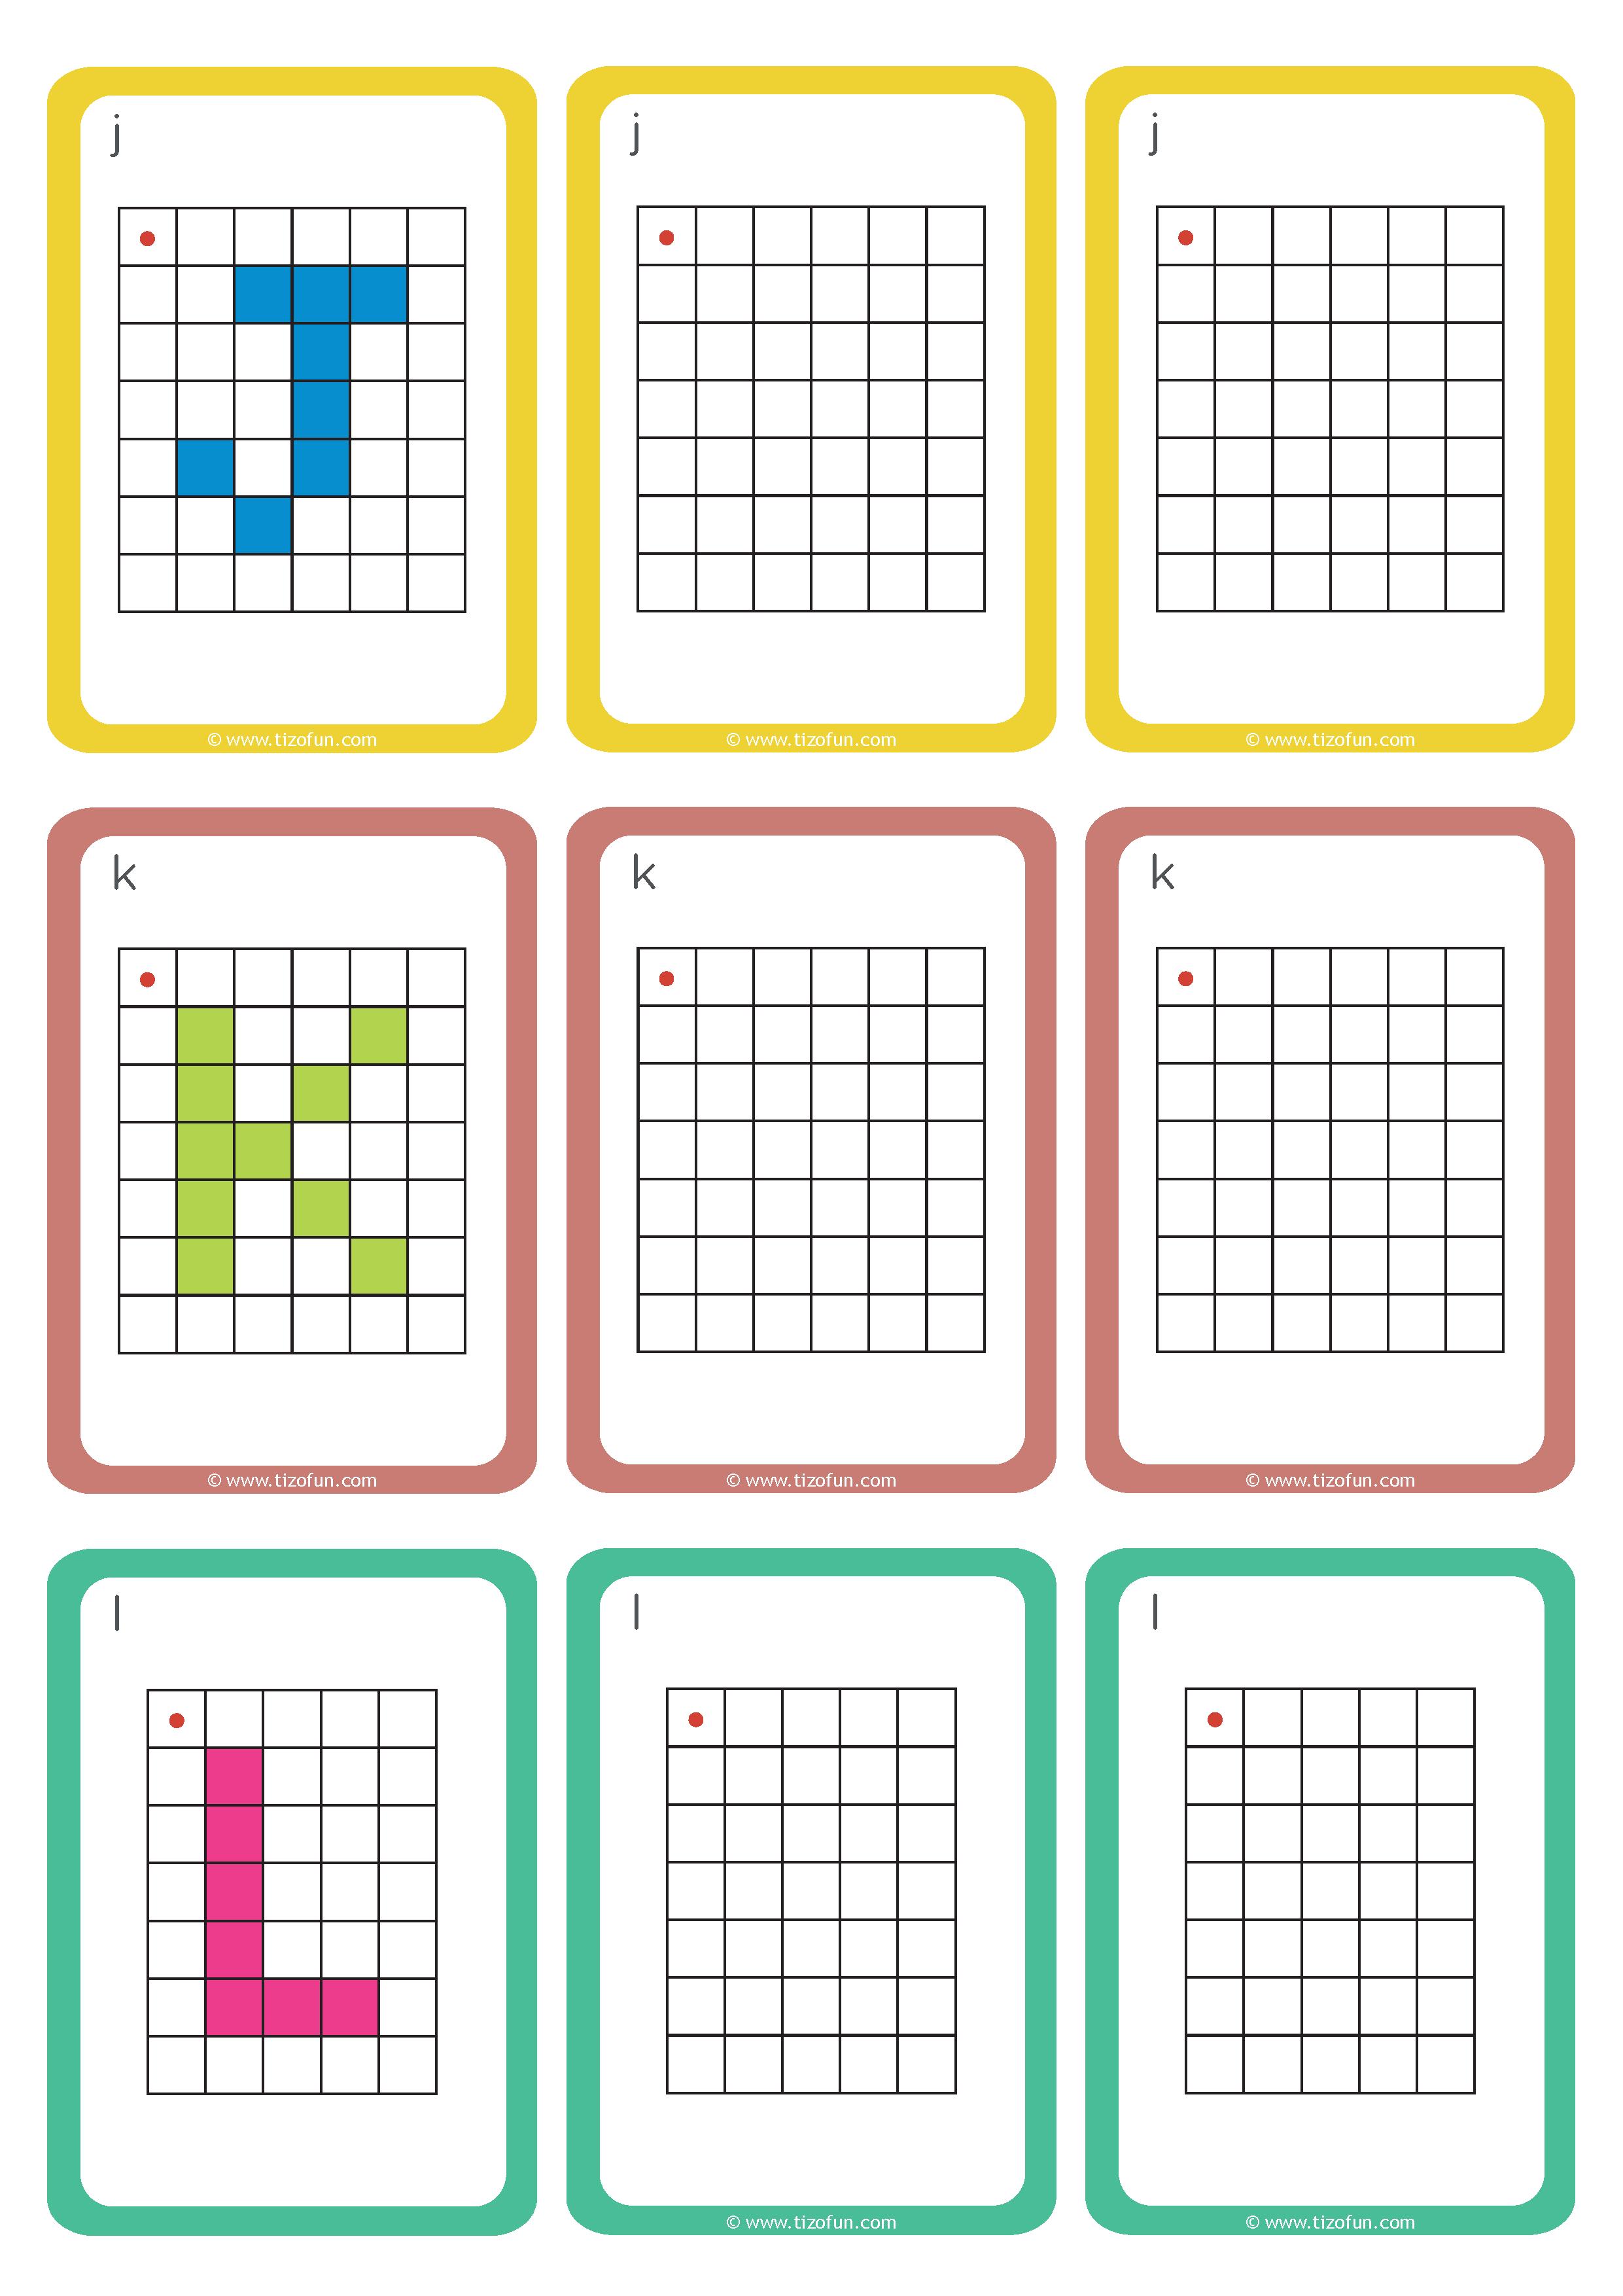 Maths Deplacement Dans Un Quadrillage Reproduire Les Lettres 04